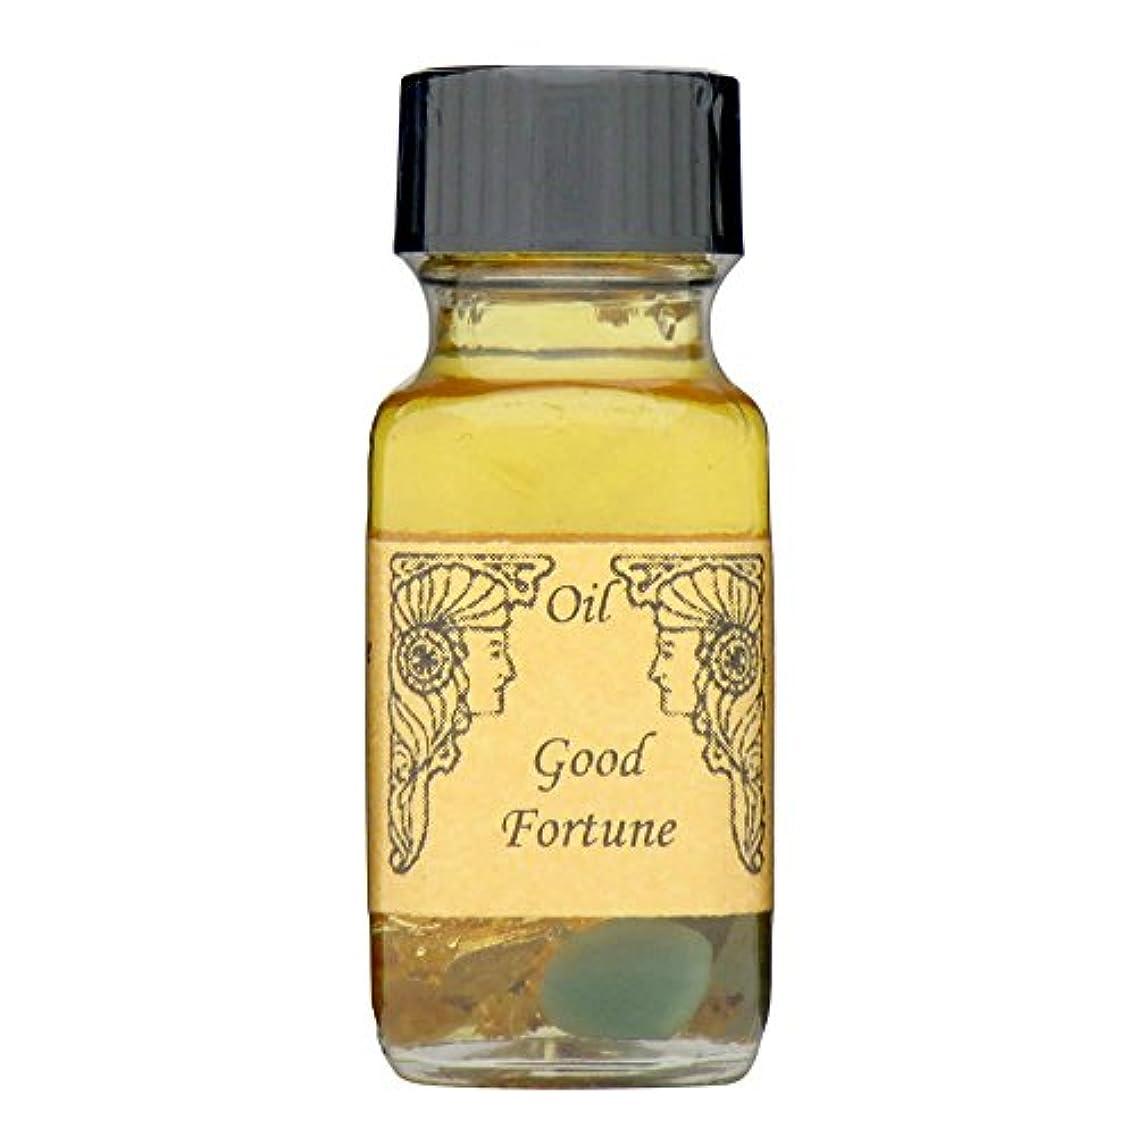 有料フロンティア怒りアンシェントメモリーオイル グッドフォーチュン (幸運) 15ml (Ancient Memory Oils)